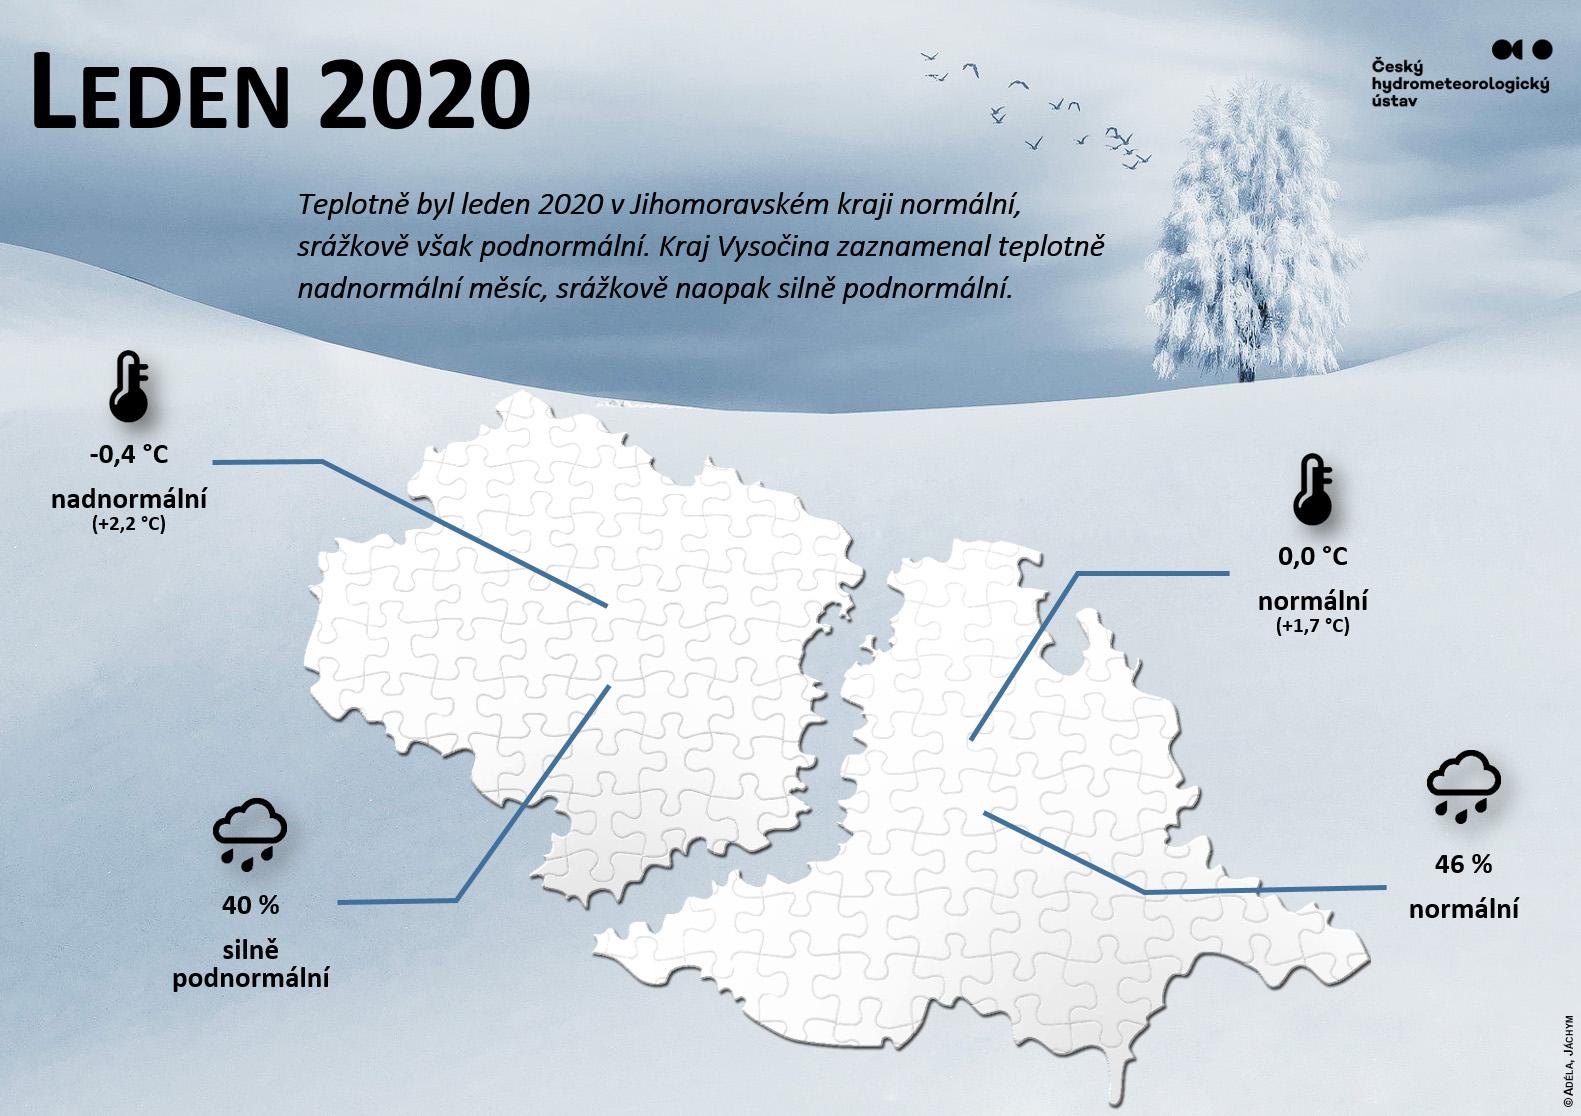 Leden 2020 v krajích Jihomoravský a Vysočina3 min čtení